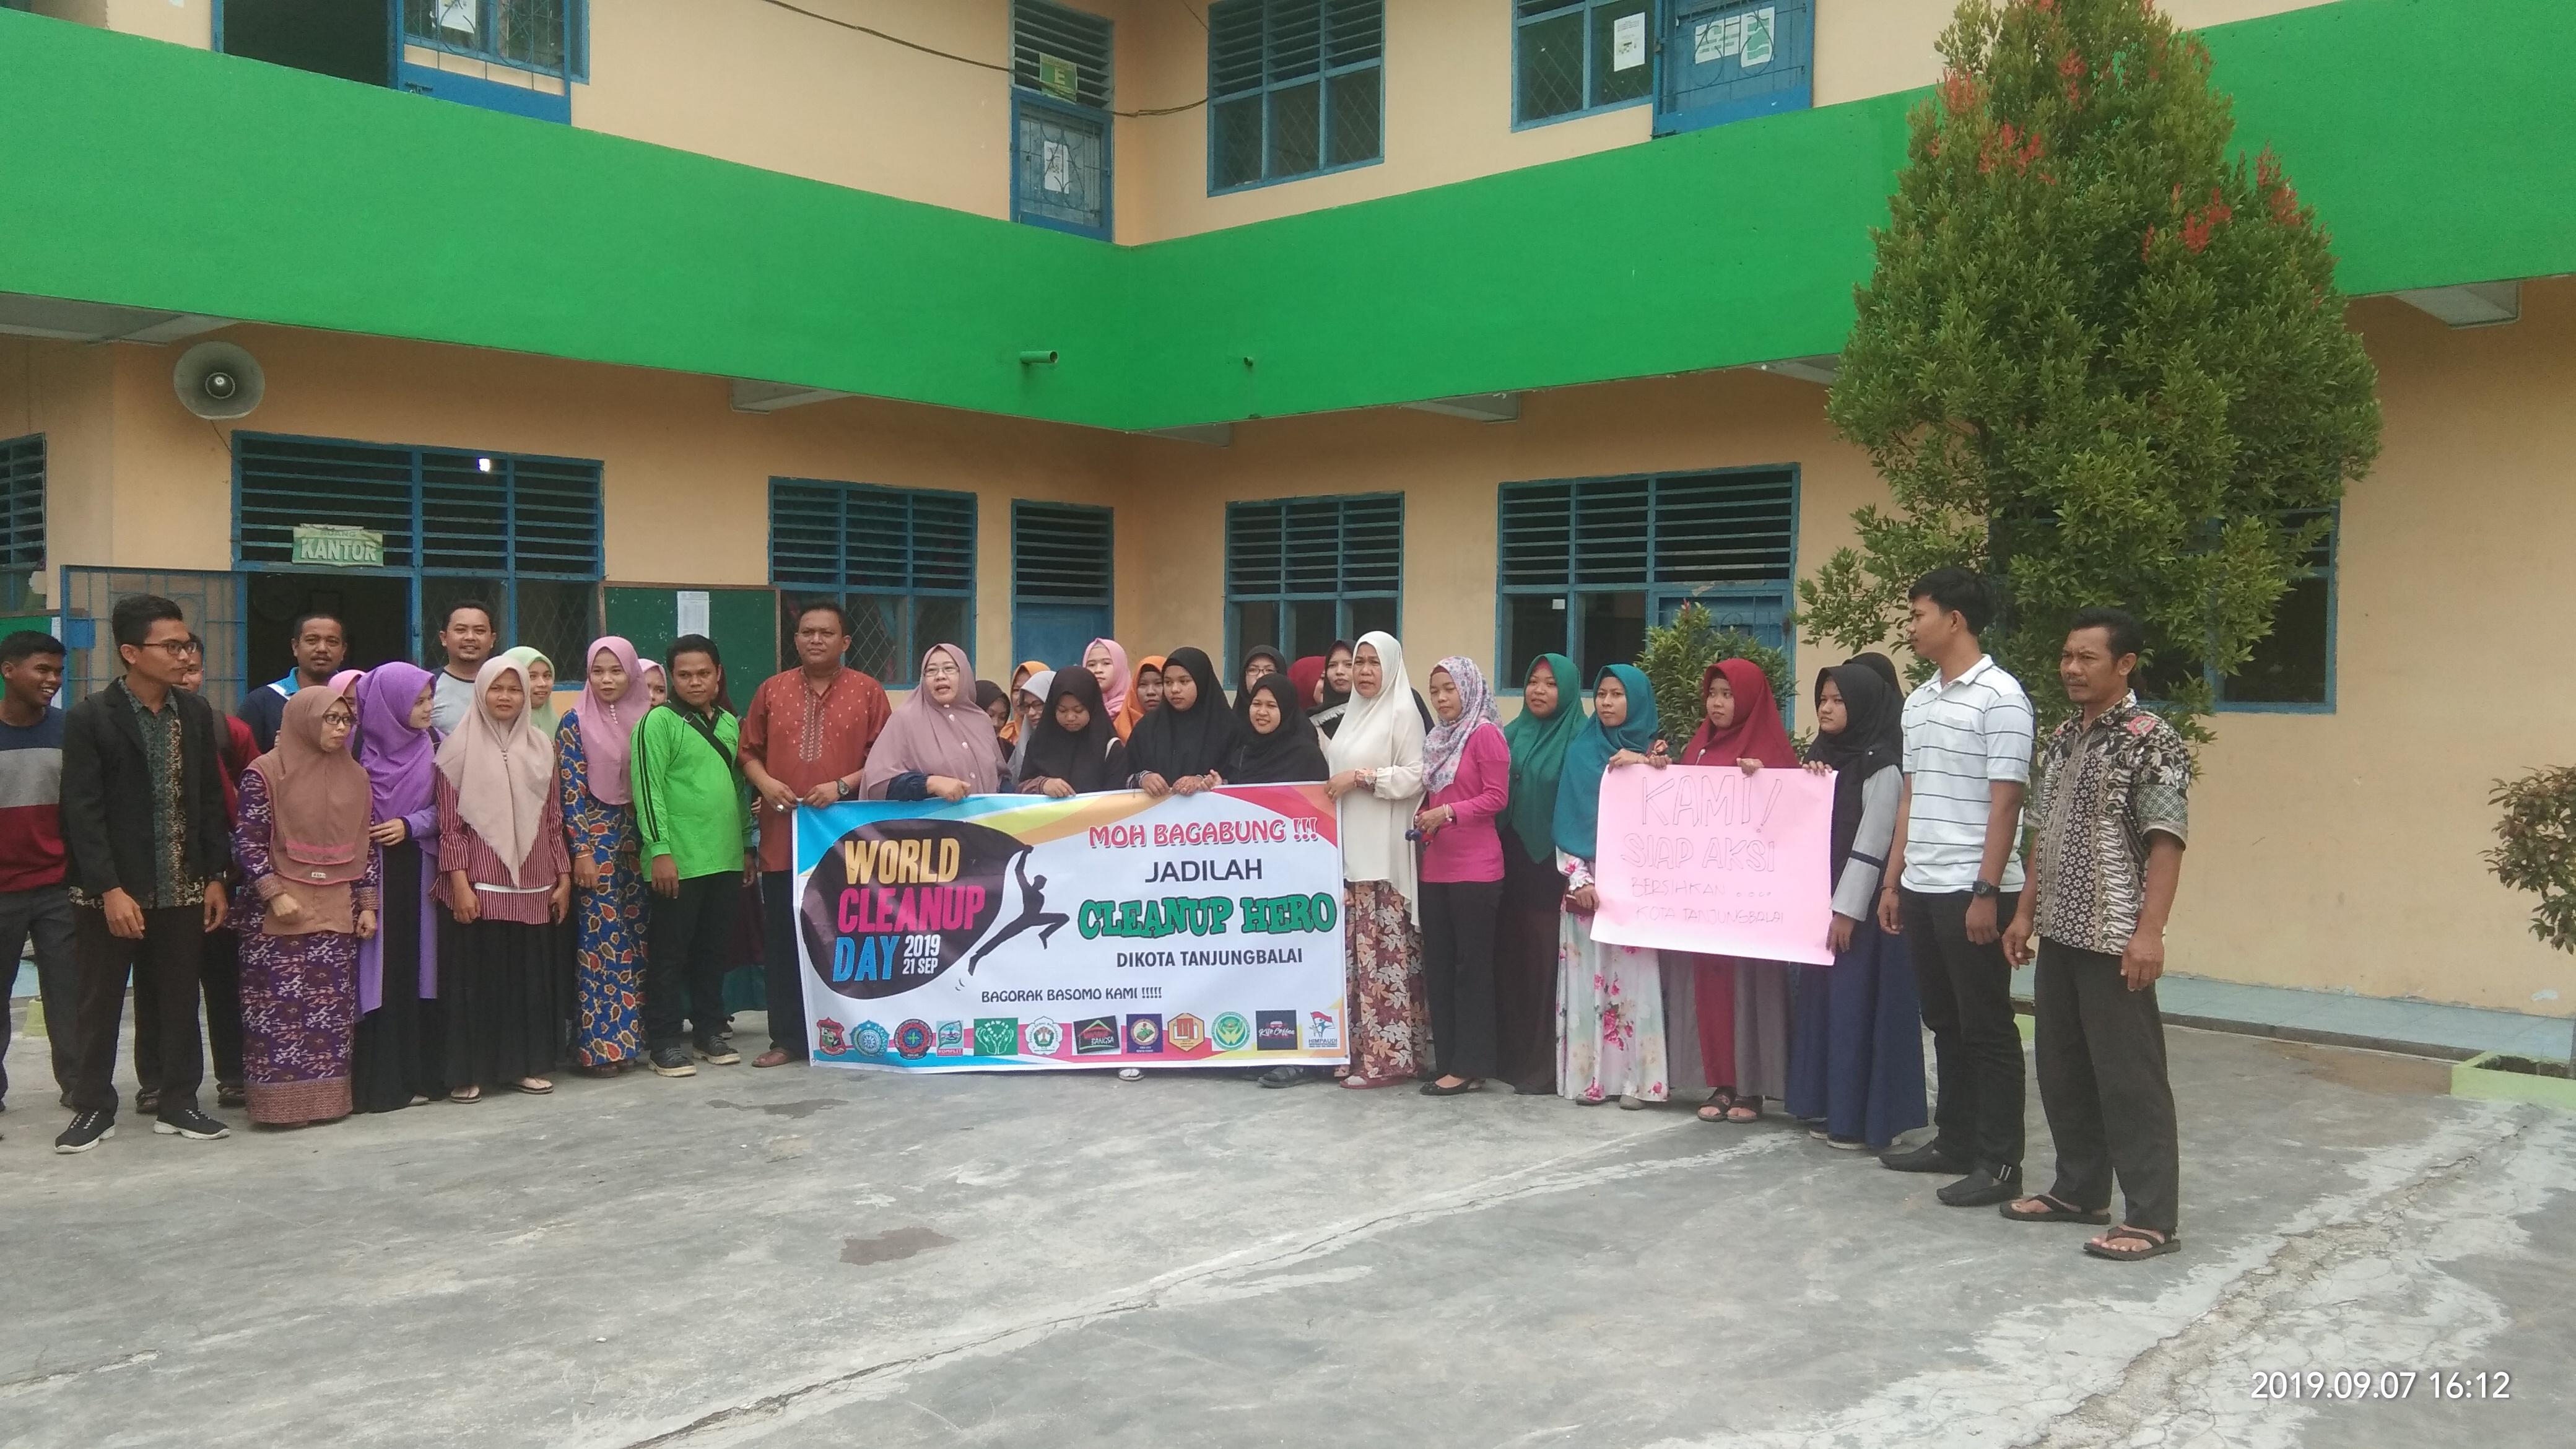 Sosialisasi World Cleanup Day (WCD) di Kampus STAI Al-Hikmah Tanjungbalai